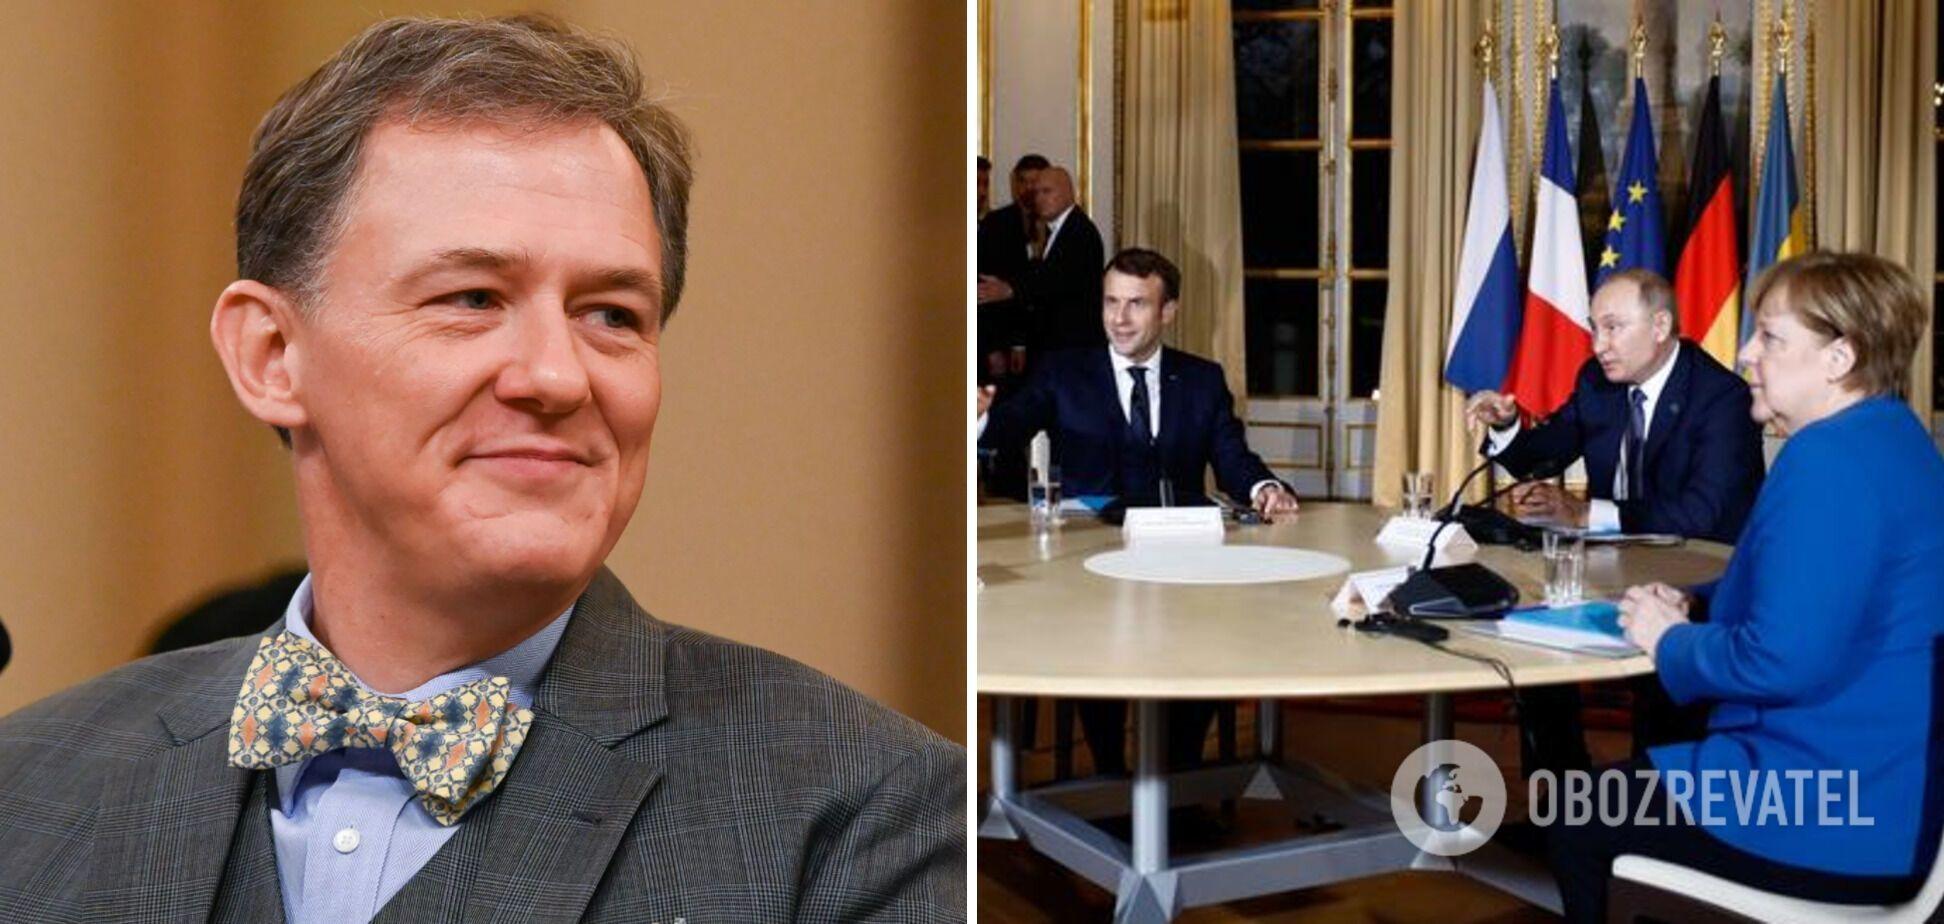 Американский дипломат – о предложении Украины: не ожидаю прямого участия США в Нормандии или Минском процессе